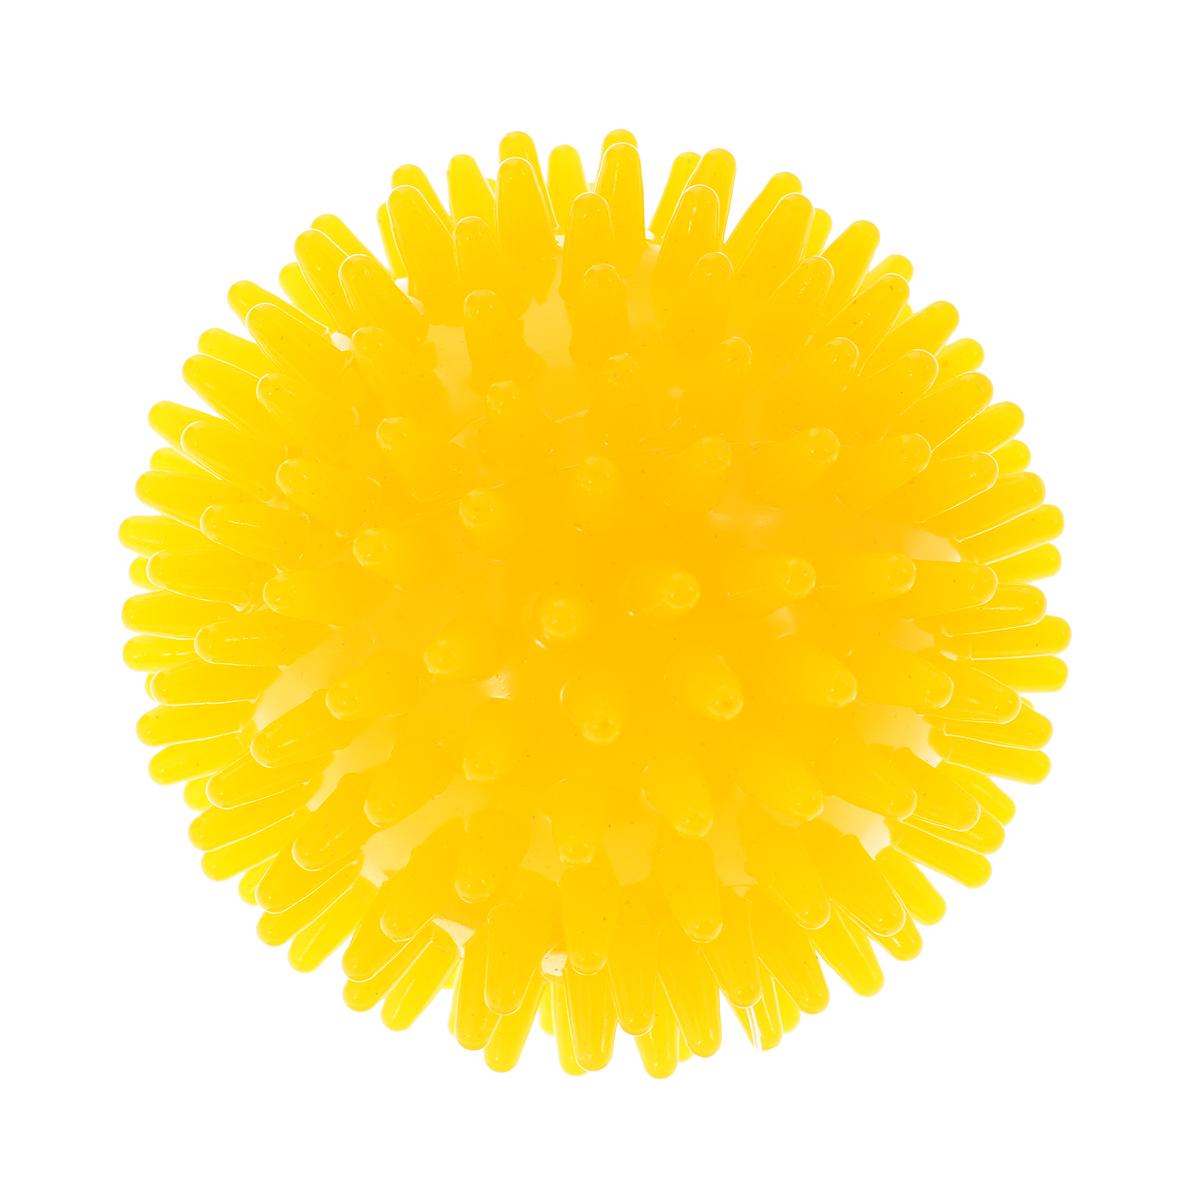 Игрушка для собак V.I.Pet Массажный мяч, цвет: желтый, диаметр 5,5 смBL11-015-55Игрушка для собак V.I.Pet Массажный мяч, изготовленная из ПВХ, предназначена для массажа и самомассажа рефлексогенных зон. Она имеет мягкие закругленные массажные шипы, эффективно массирующие и не травмирующие кожу. Игрушка не позволит скучать вашему питомцу ни дома, ни на улице.Диаметр: 5,5 см.